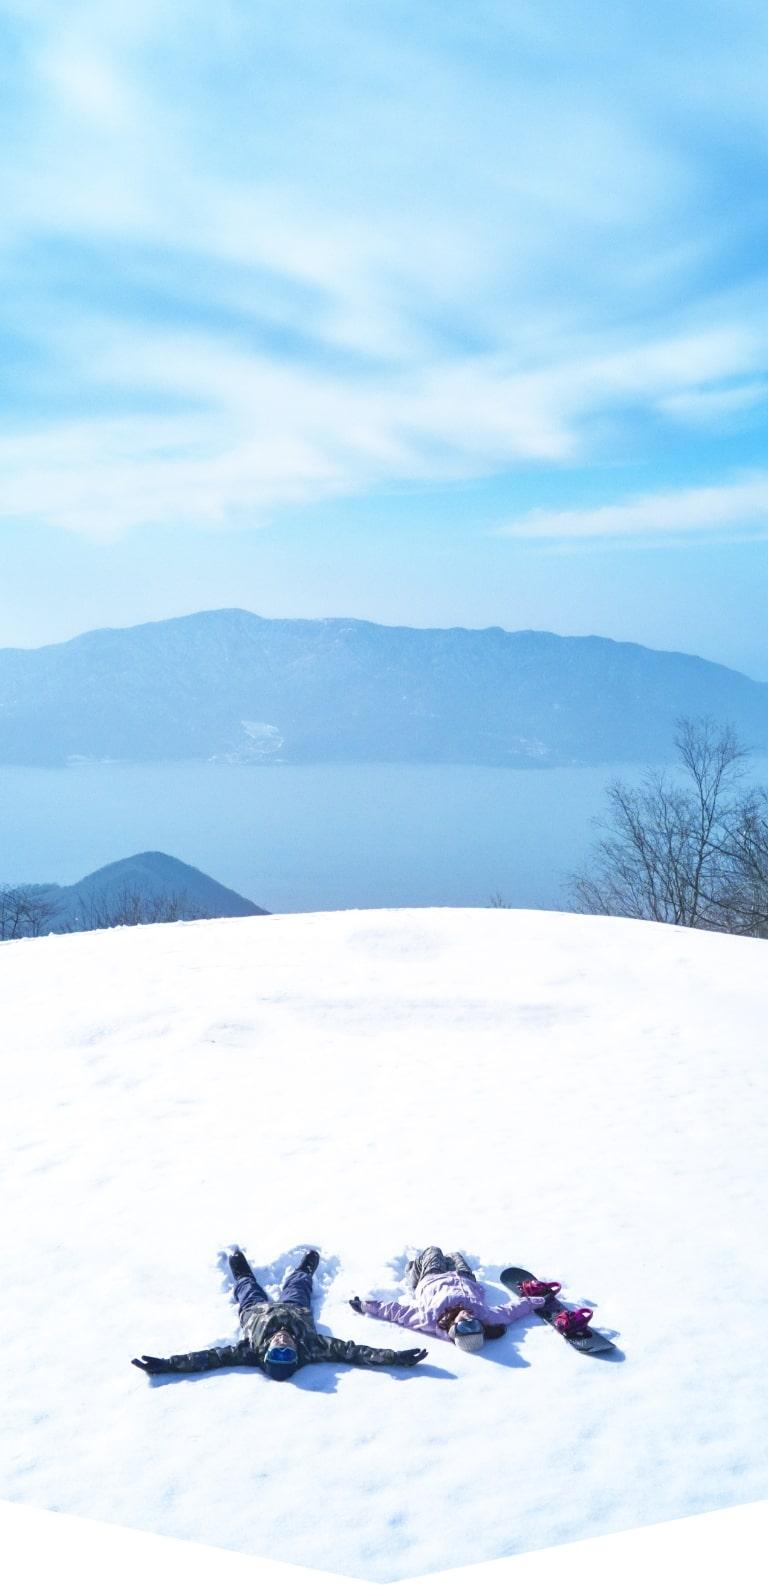 山頂からは、日本海の眺望が開け、晴れた日には遠く白山連峰までが見渡せる、そんな大自然が魅力の、今庄365スキー場へ。